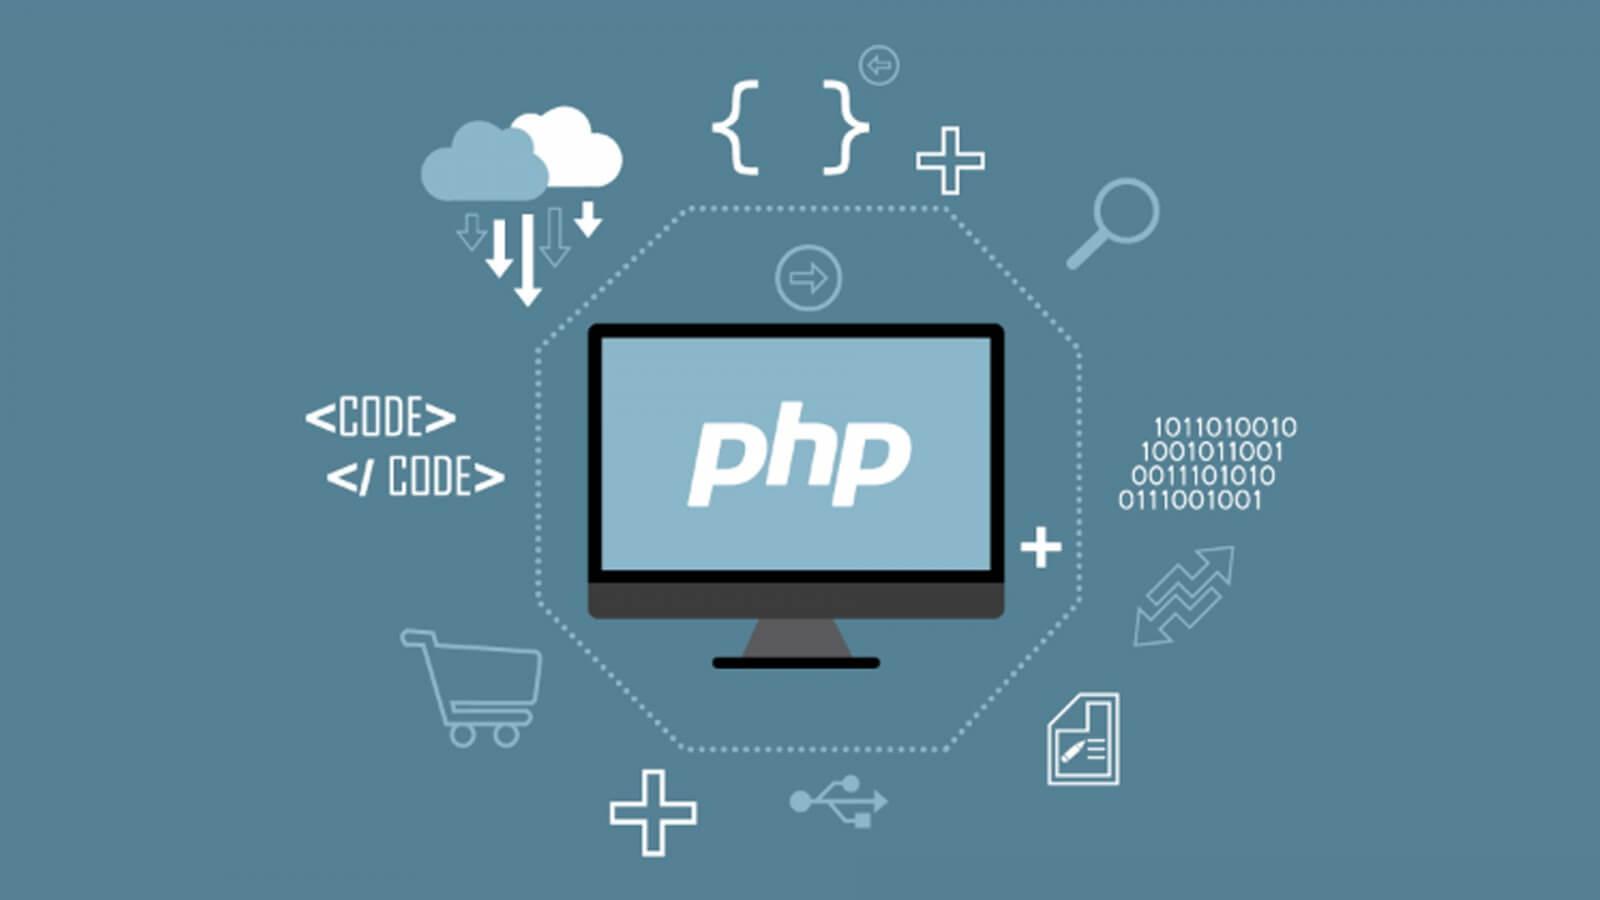 Кто такой PHP разработчик? Что он должен уметь делать?